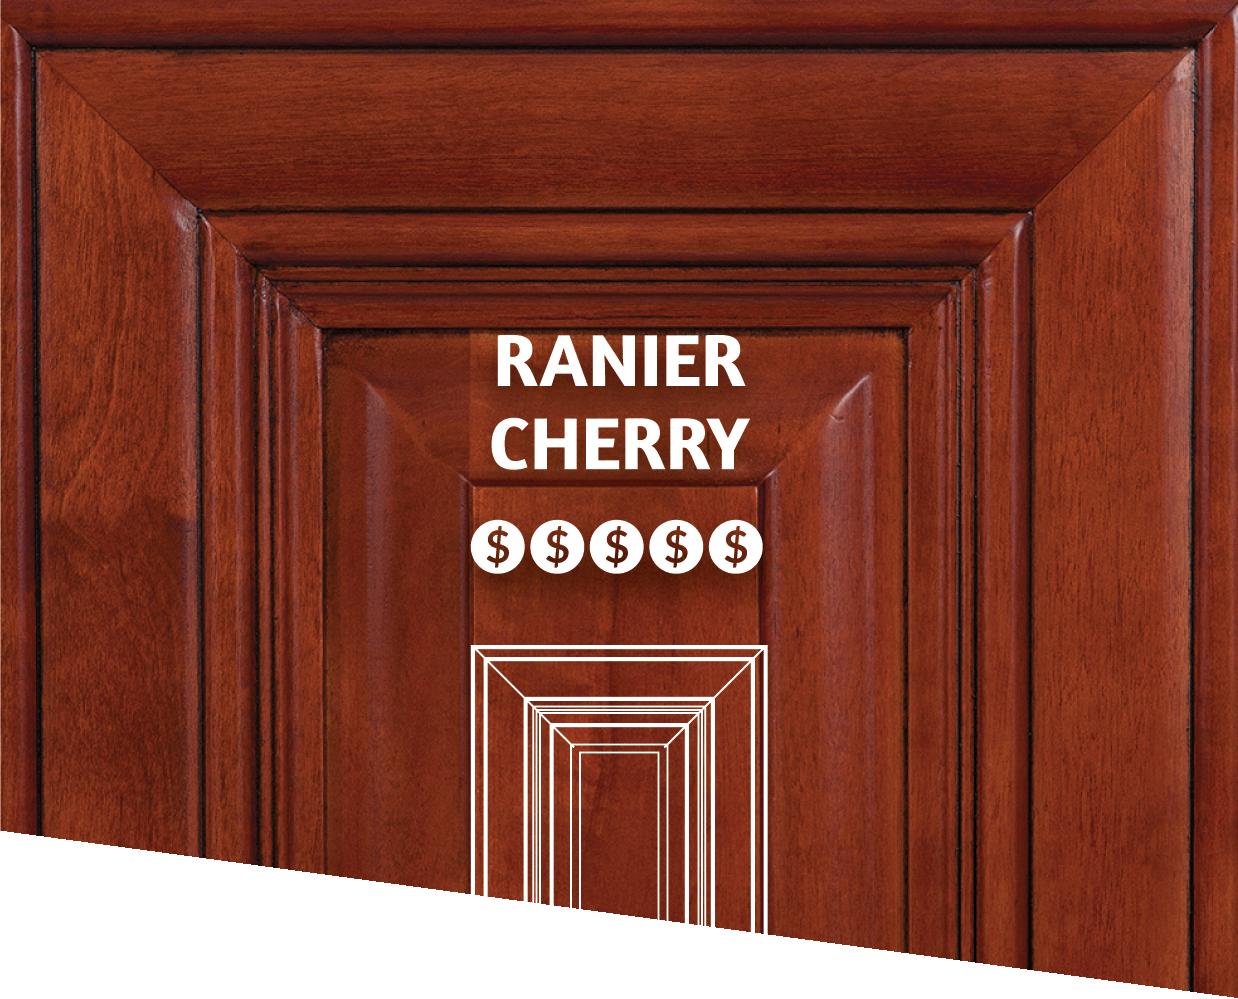 rainer-cherry-door.png